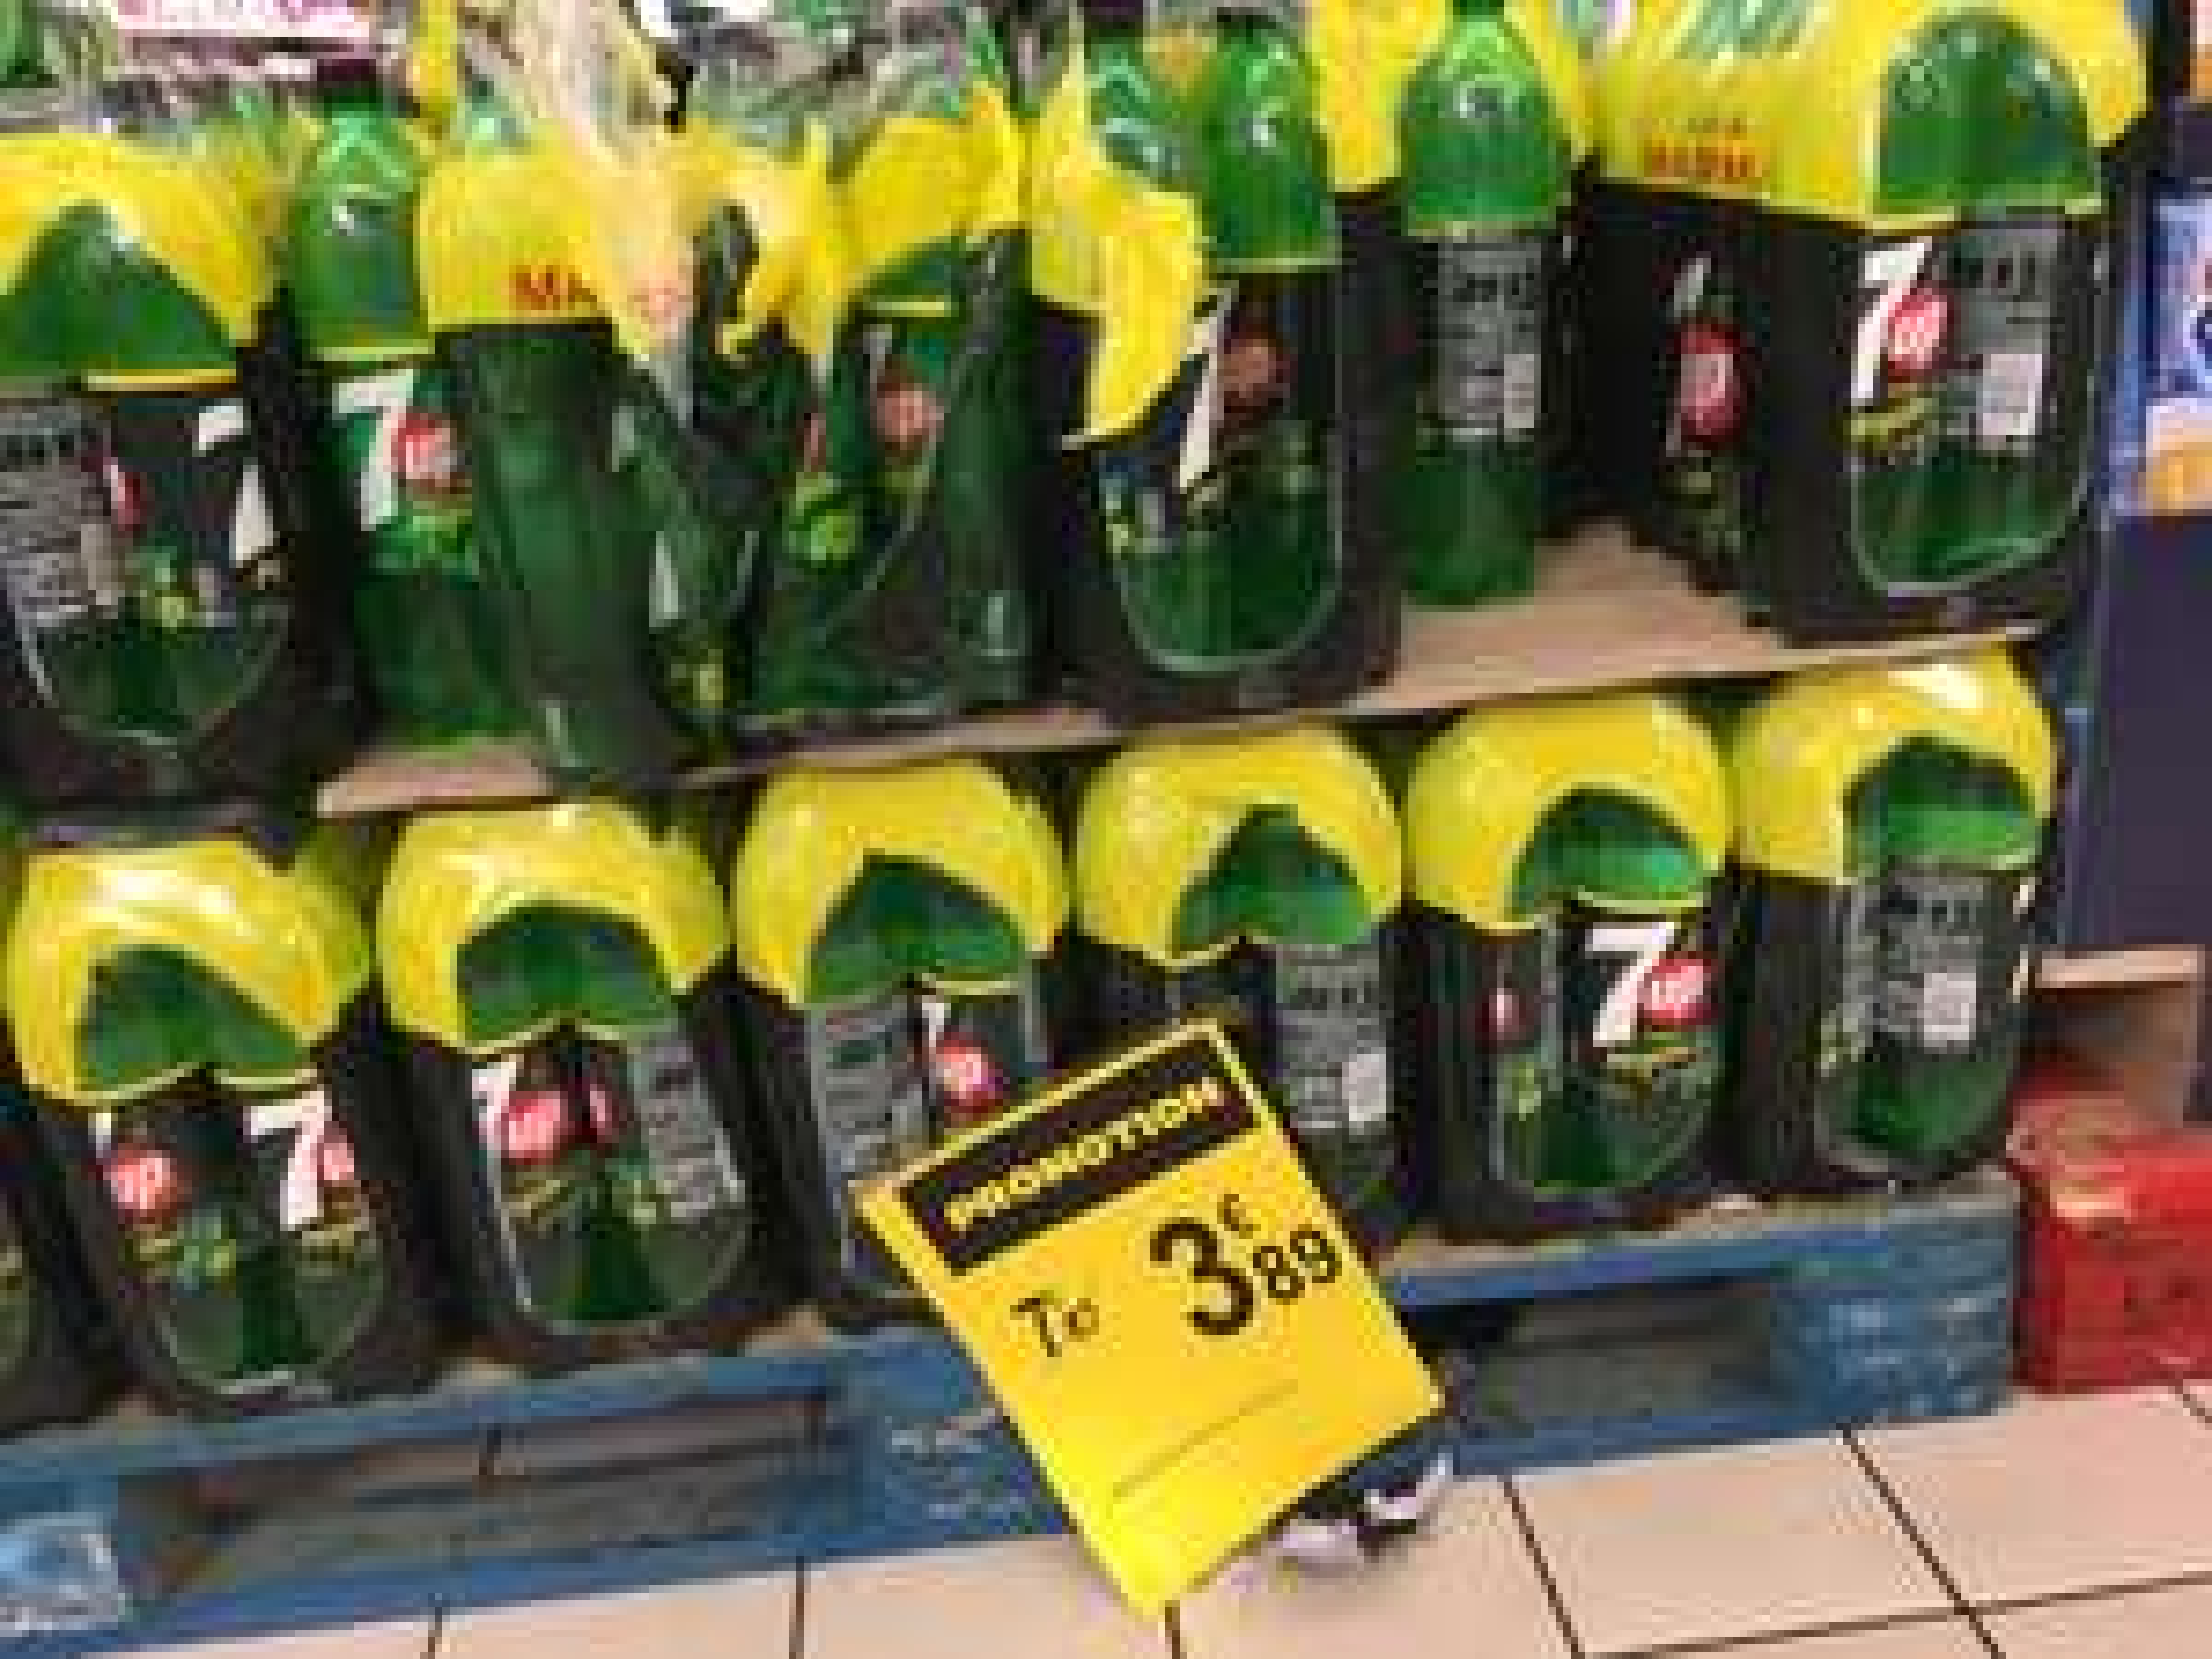 Pack de 6 bouteilles de 7up de 1,5L - Saveur Mojito